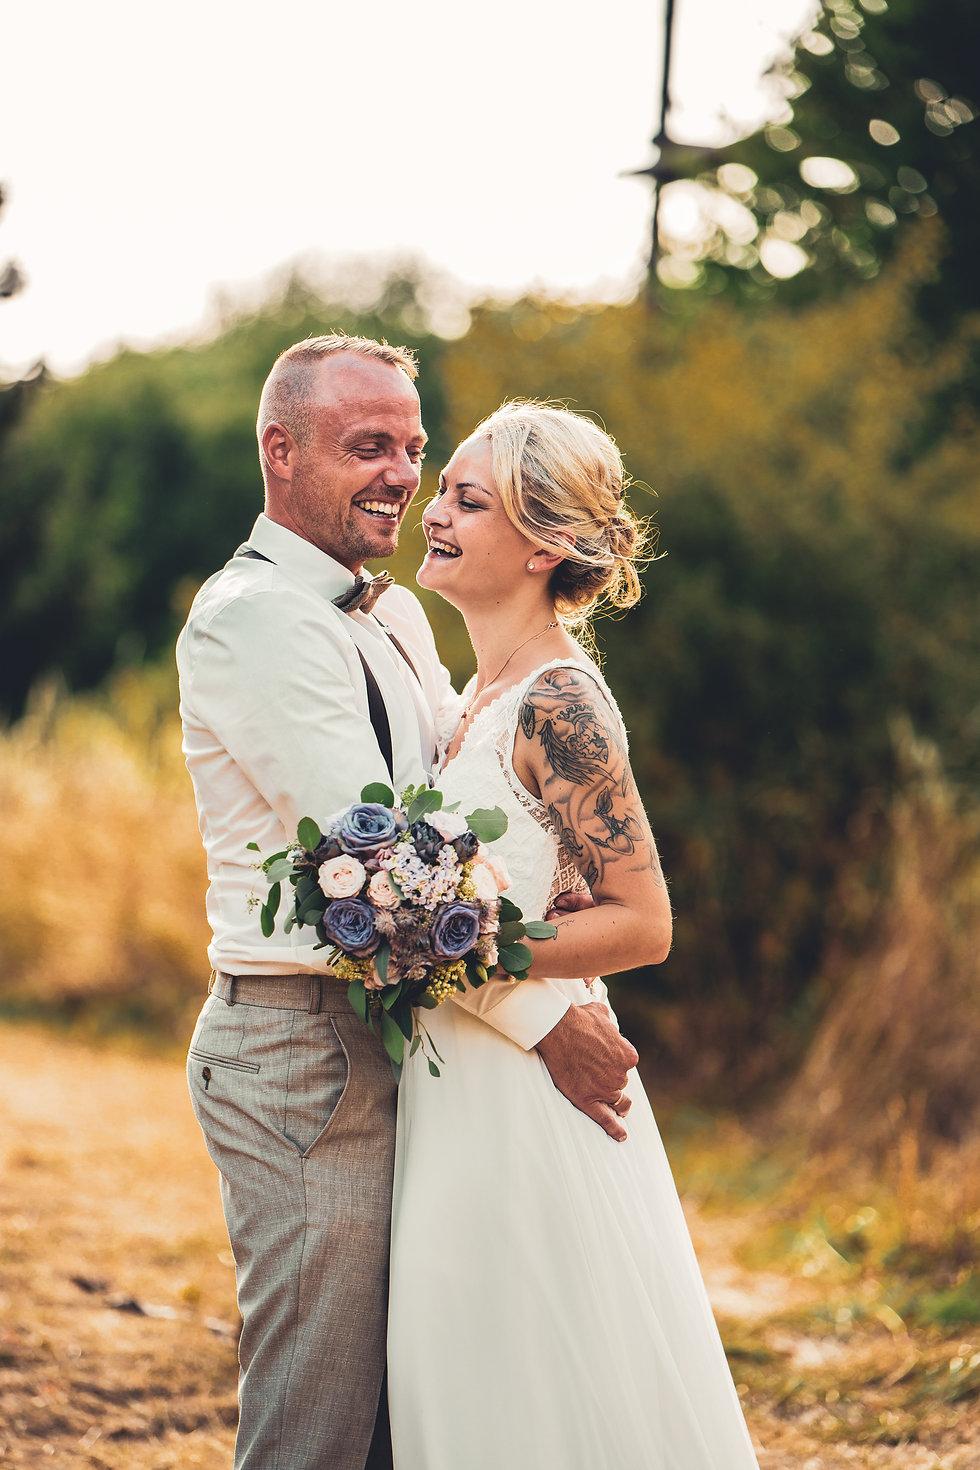 Hochzeit_JC_cef_weddingstories-45.jpg